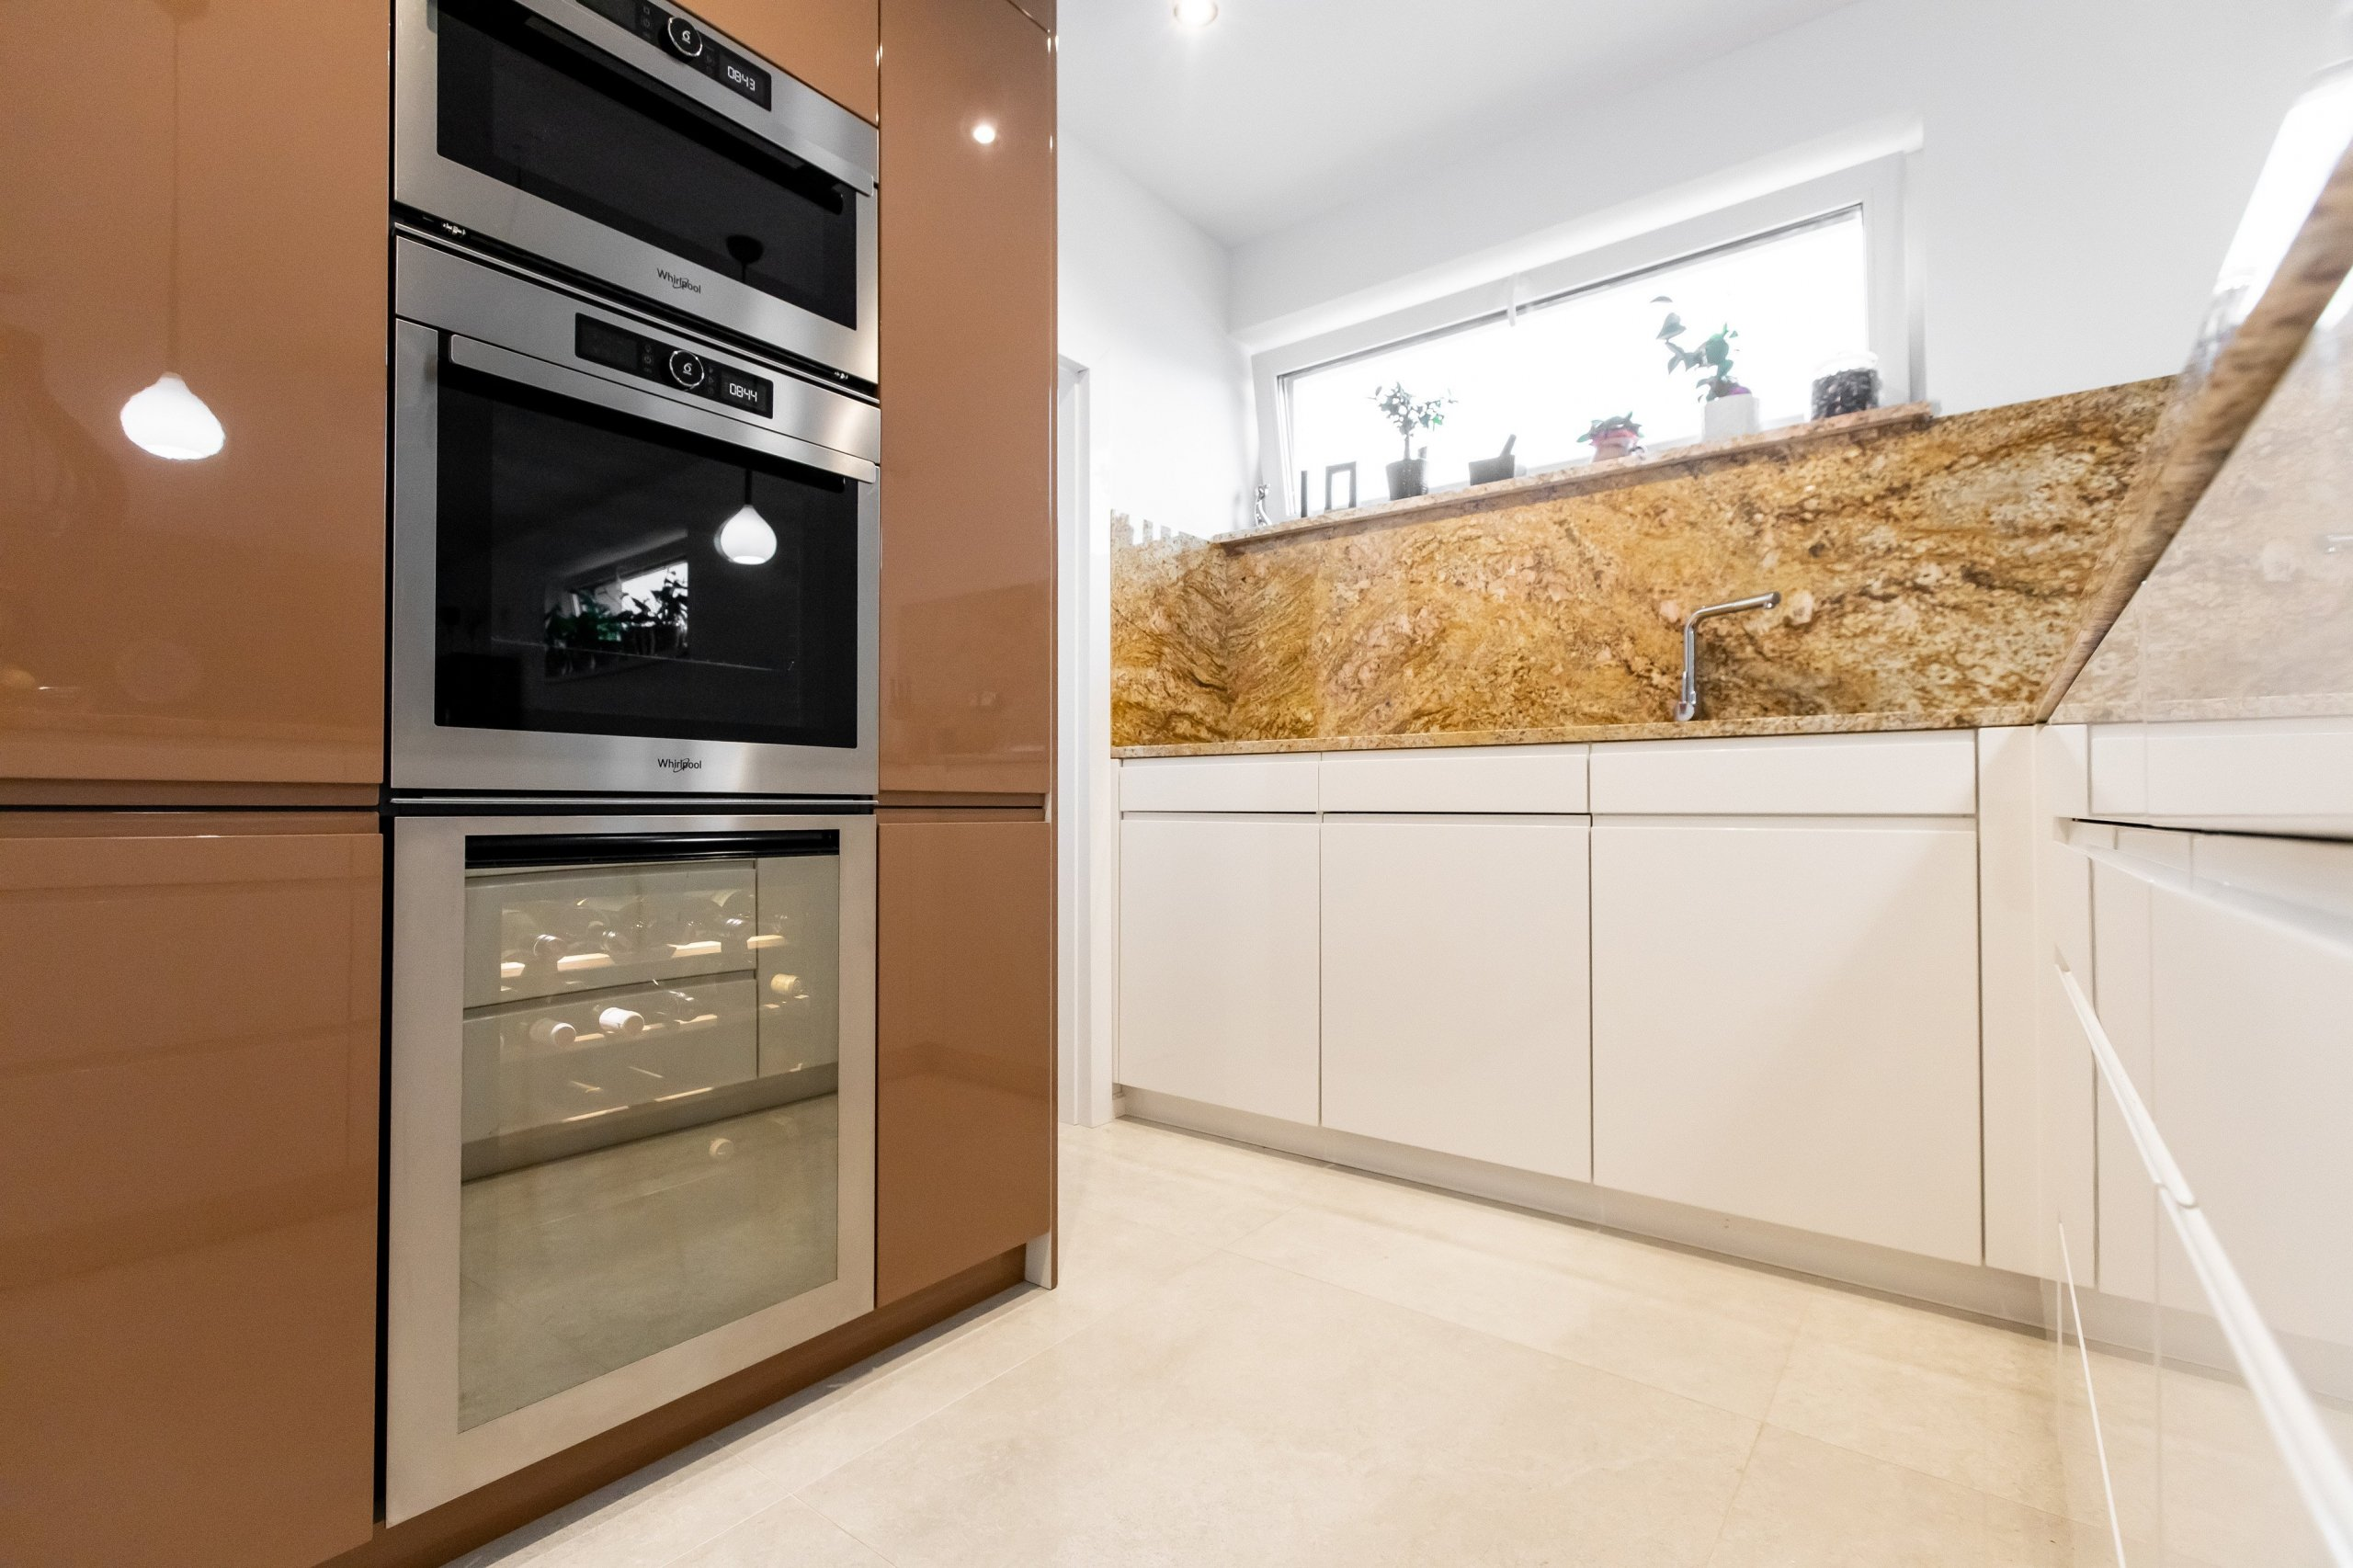 Kombinácia predstáv klienta a skúsenosti dizajnéra vytvorili jedinečný originál kuchyne z materiálov vo vysokom lesku. K dominantnej škoricovej farbe horných…